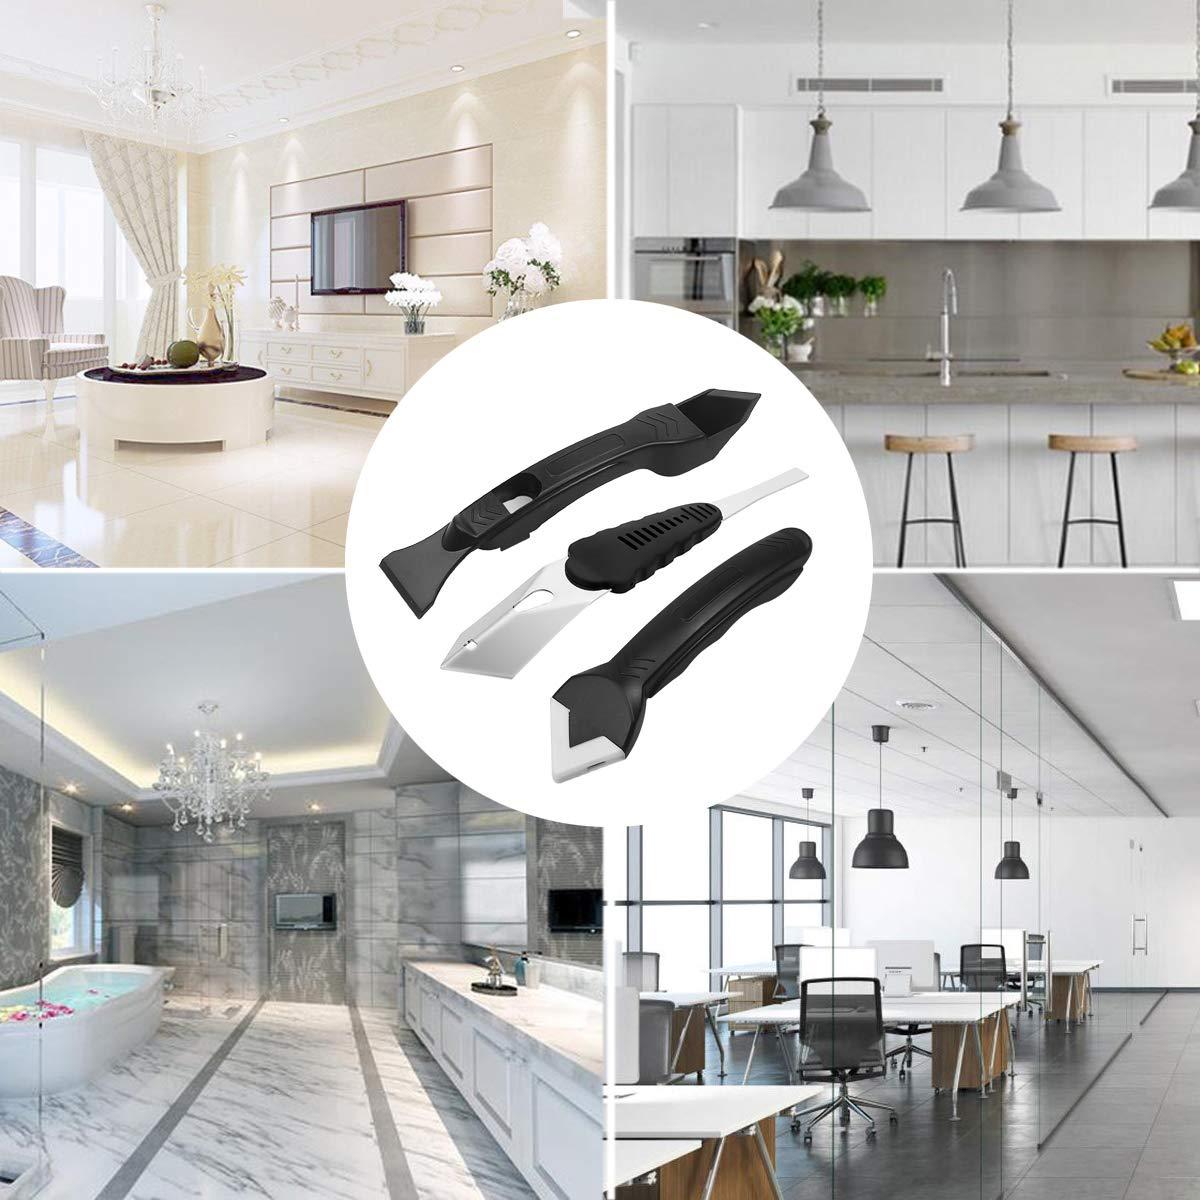 multifonctionnel 7 dans 1 grattoir professionnel doutil de silicone r/égl/é pour le plancher de salle de bains de cuisine Outil de jonction de silicone de solvant de solvant